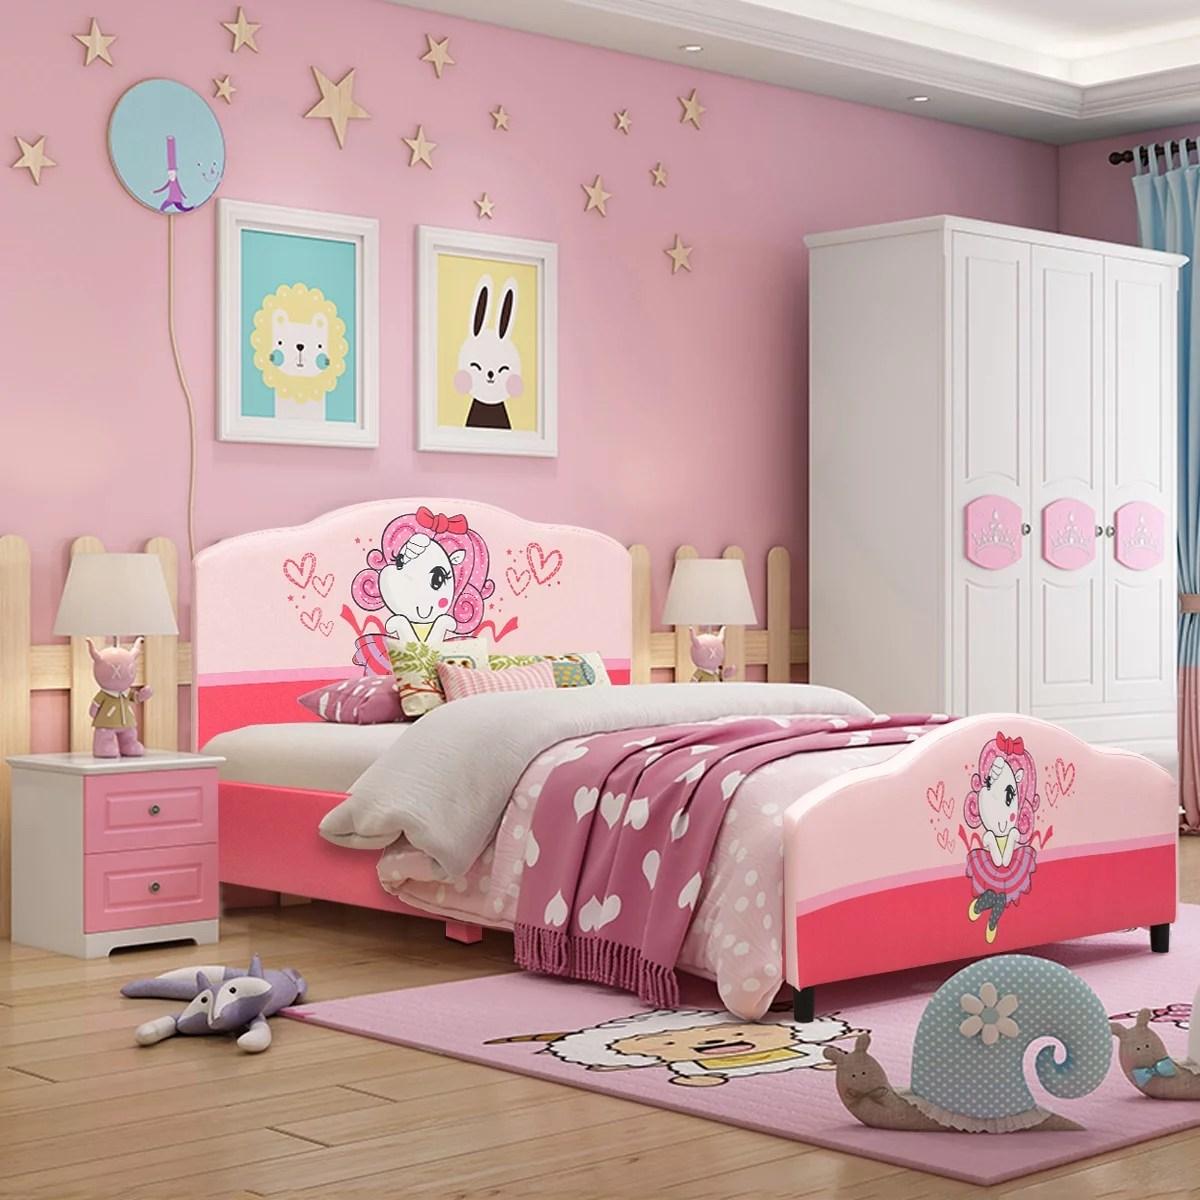 costway kids children upholstered platform toddler bed bedroom furniture girl pattern